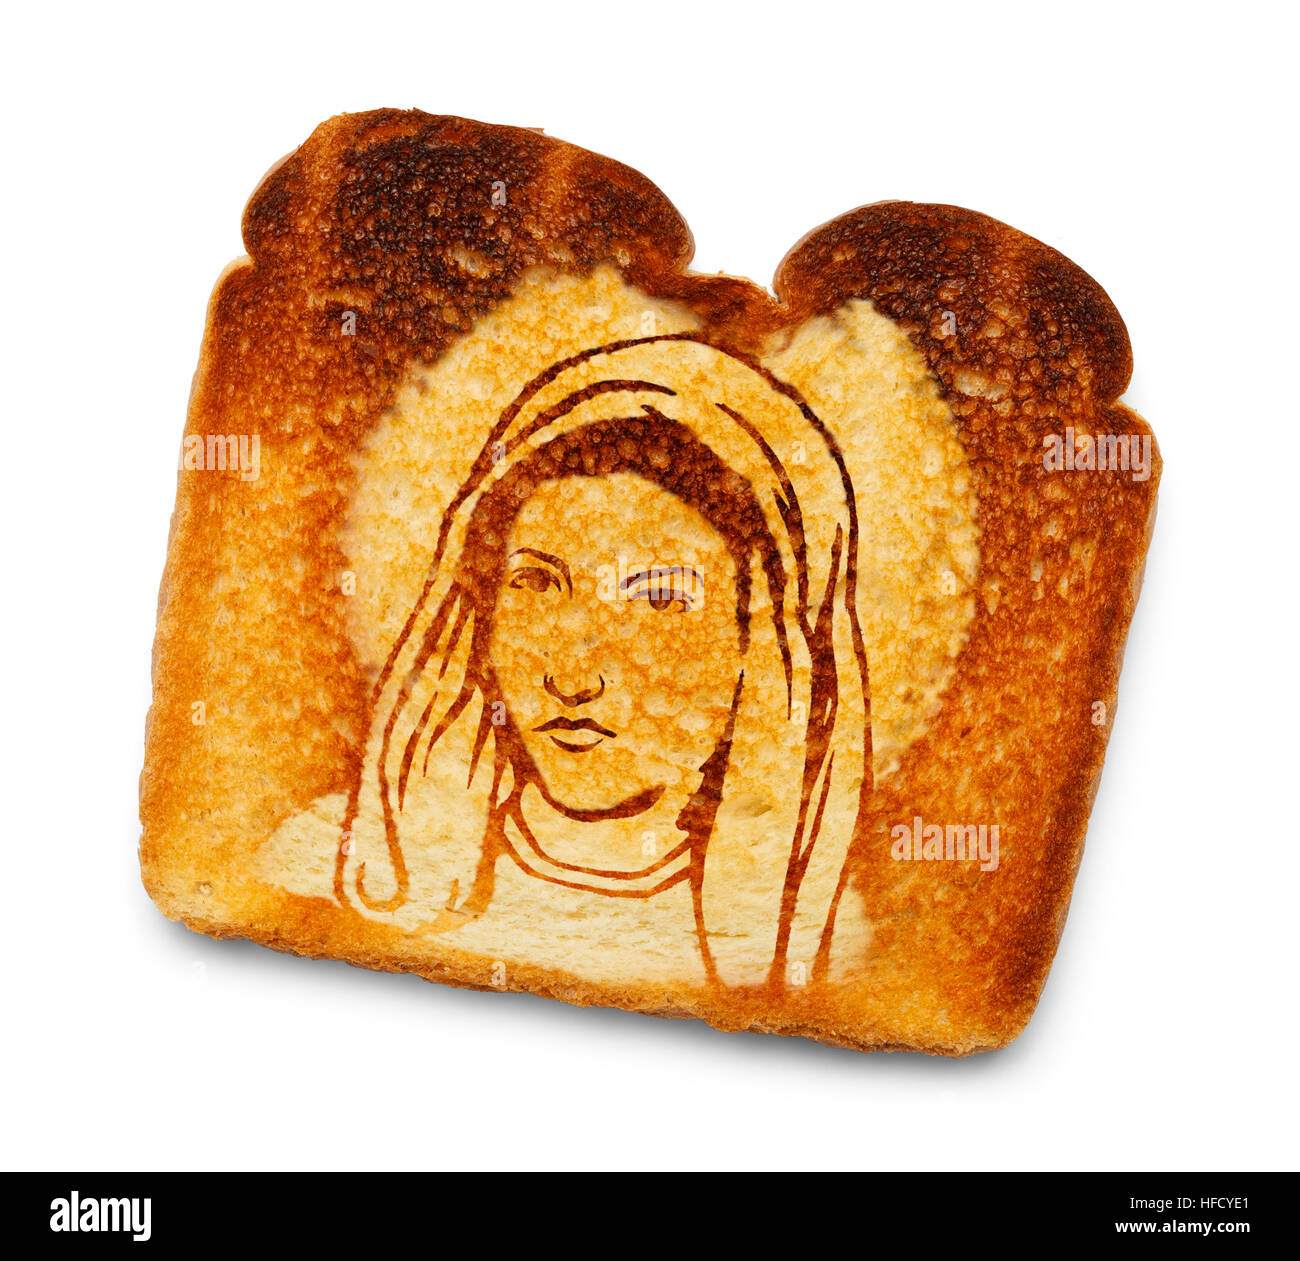 Vergine Maria immagine su toast bruciato isolato su sfondo bianco. Immagini Stock